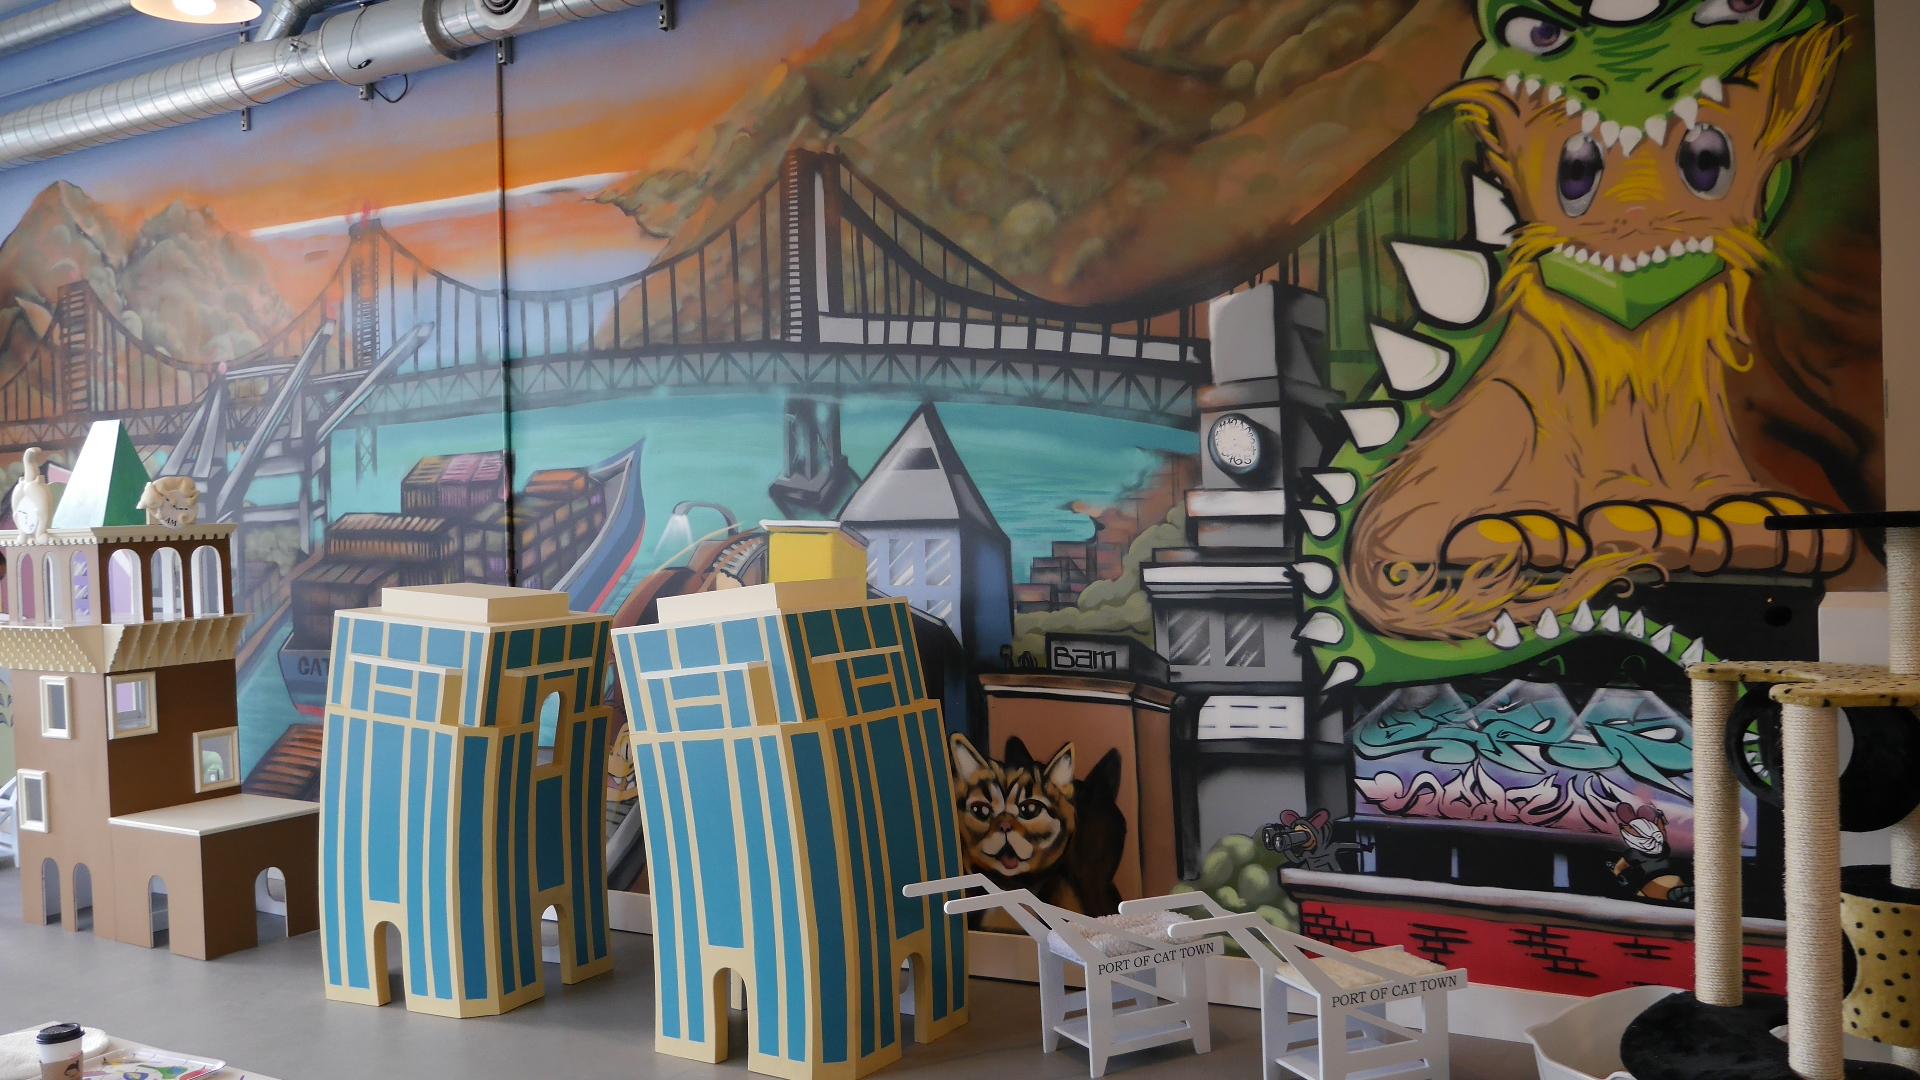 Cat+Town+Art+and+murals.JPG